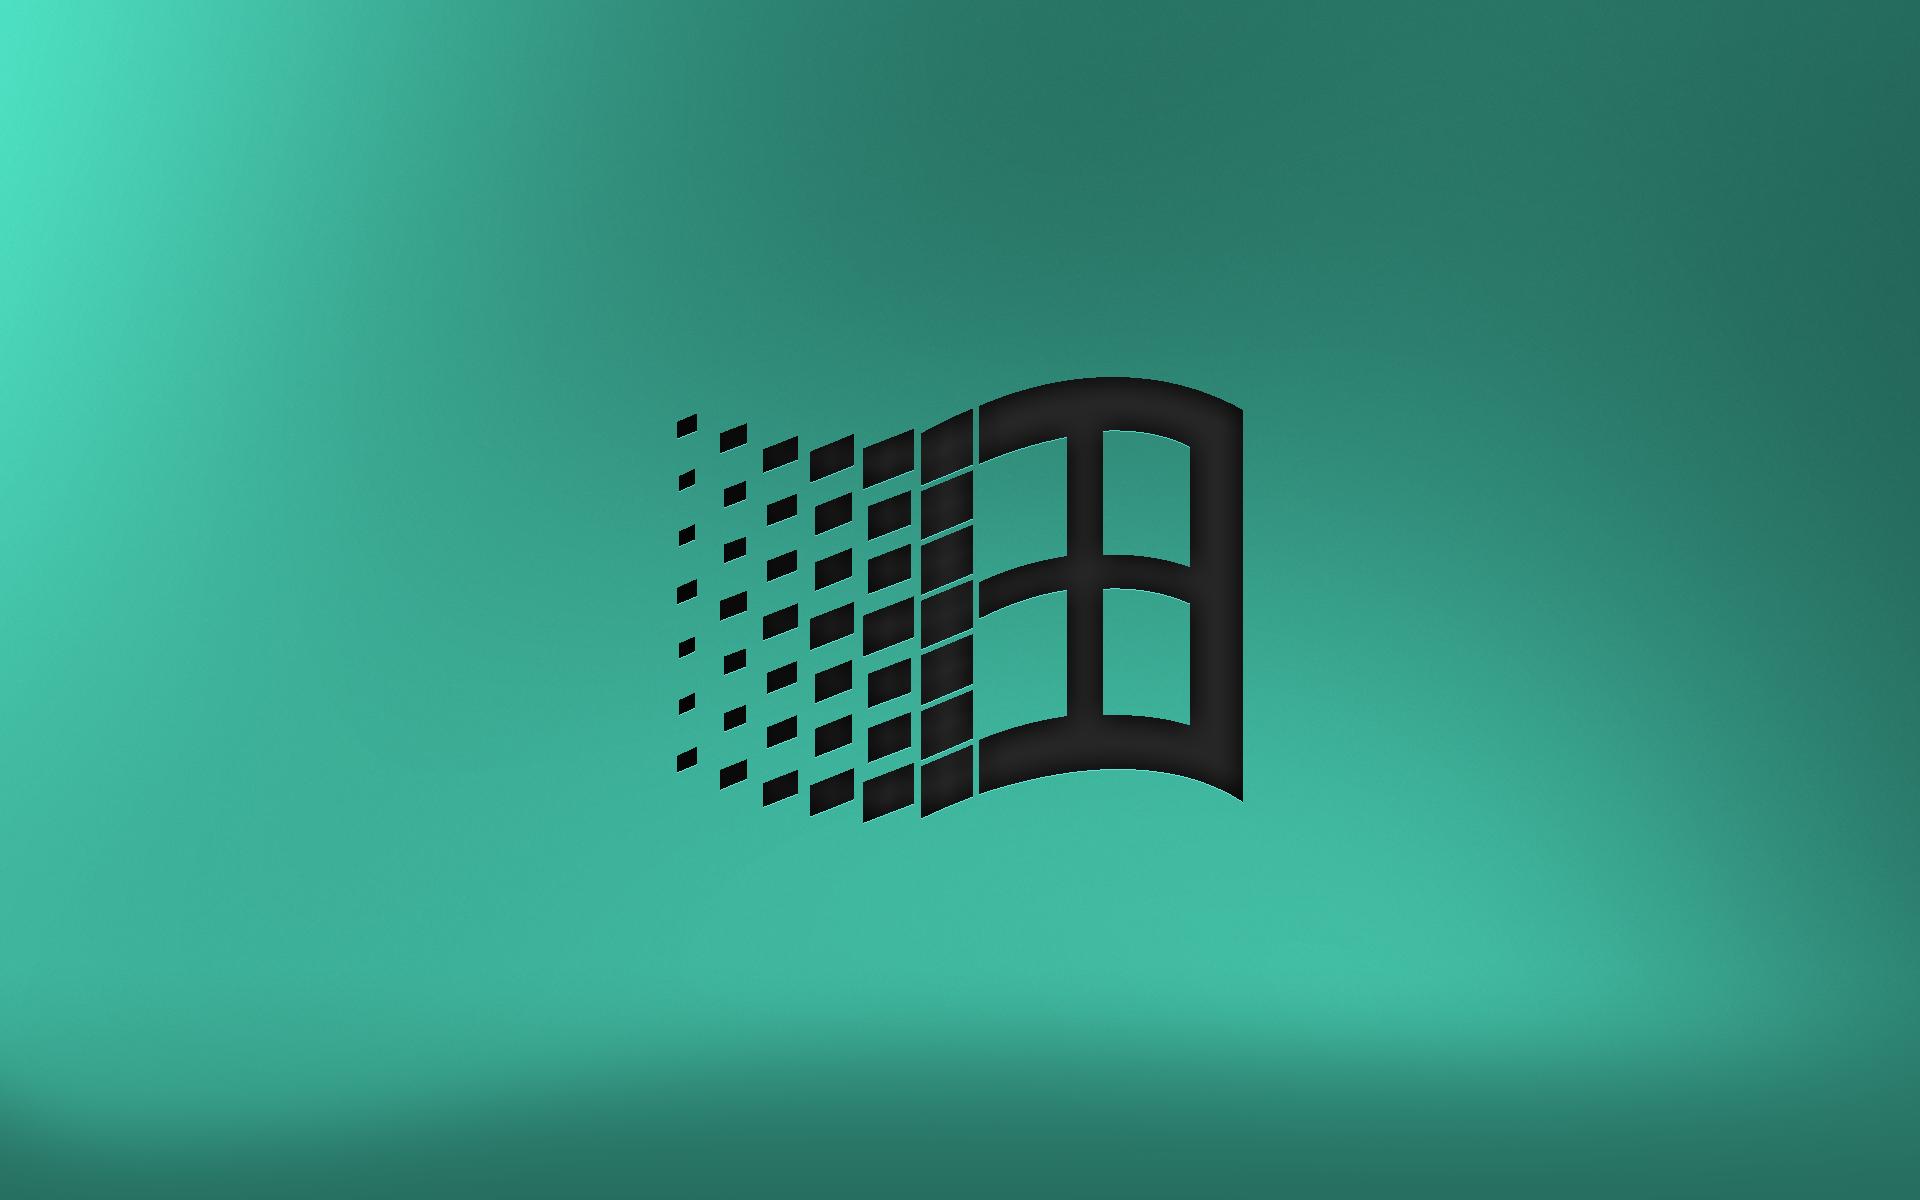 Old School Windows Logo Wallpaper by lfmweegerz64 1920x1200